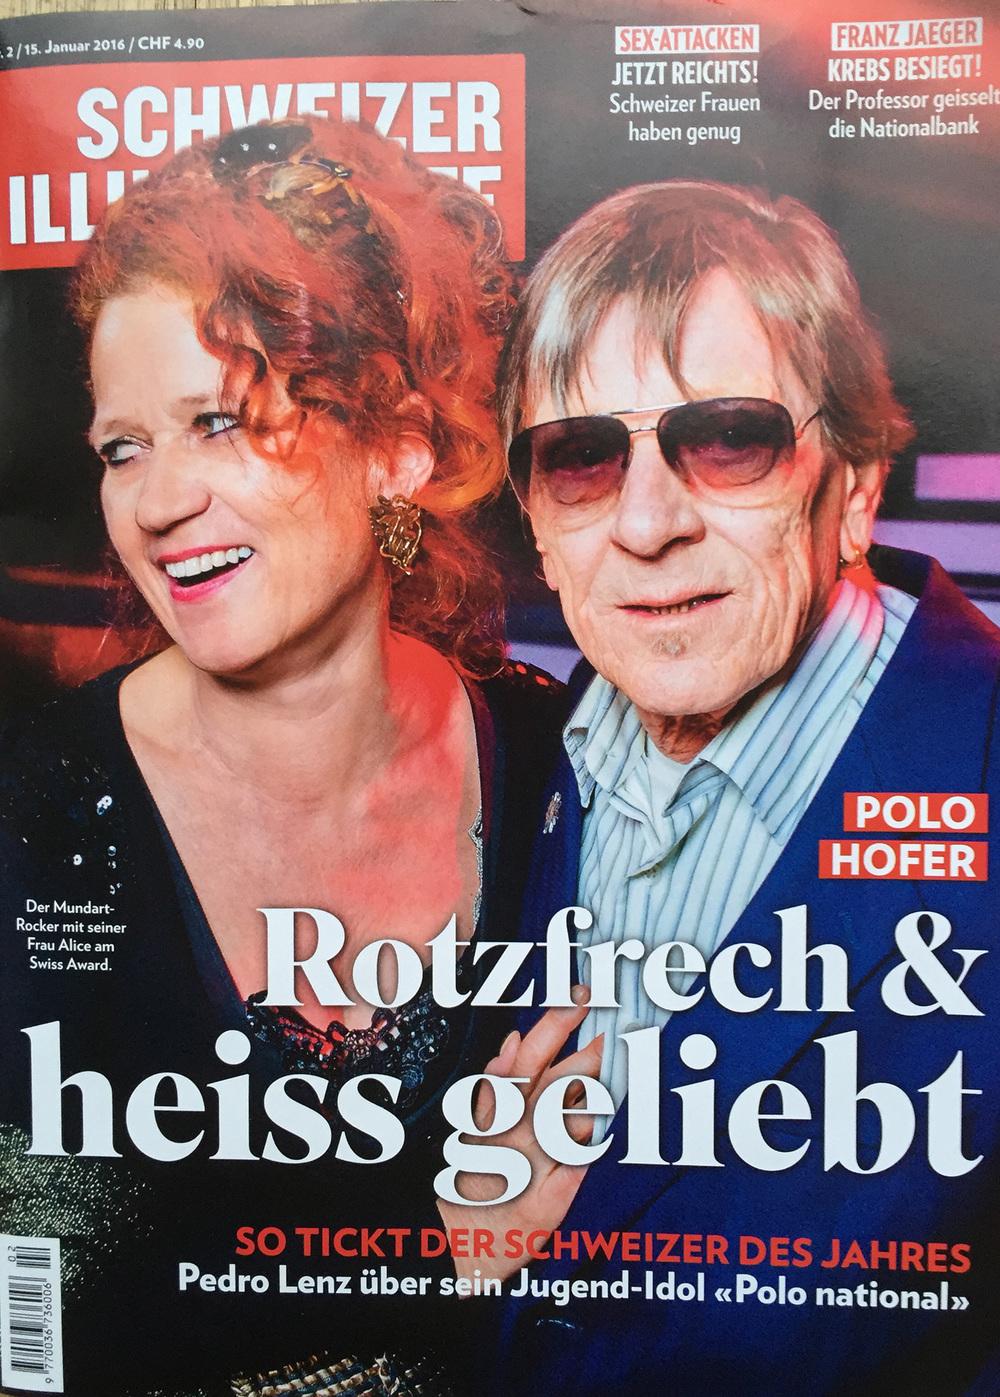 Polo Hofer und Alice auf dem aktuellen Schweizer Illustrierte Cover fotografiert von David Biedert